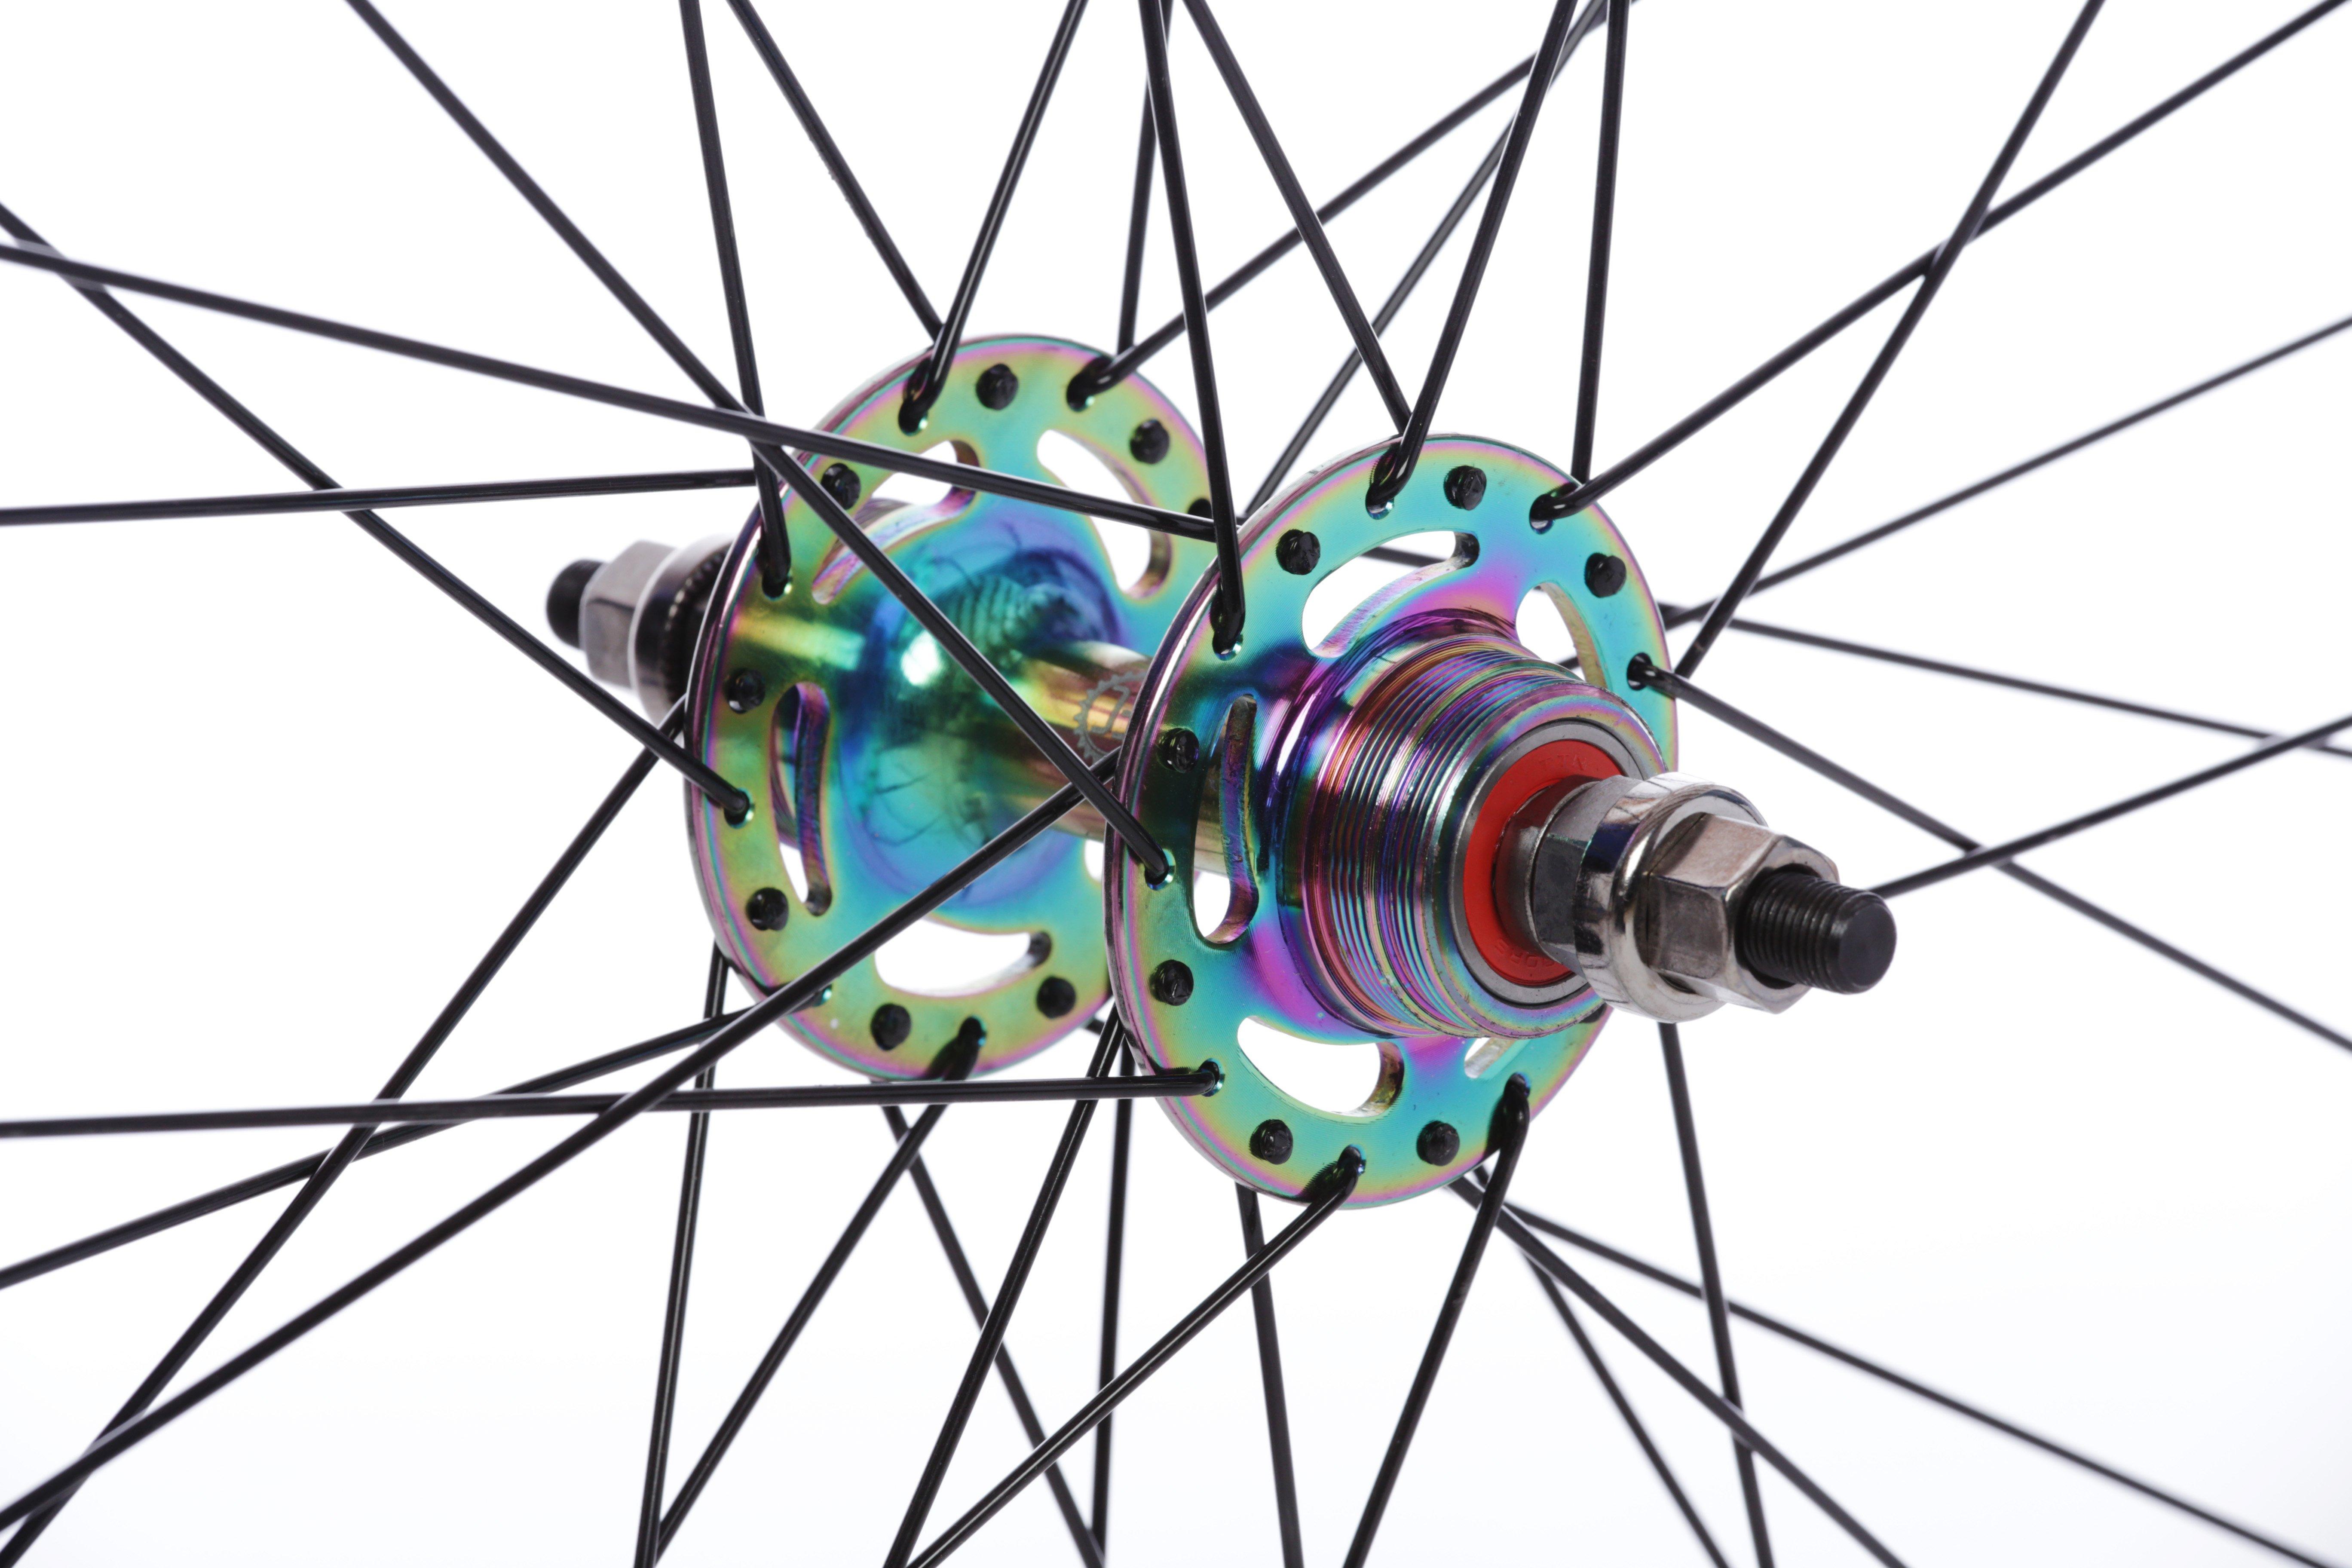 Nouveau jeu-concours Fabrik Cycles, gagnez des roues caméléons